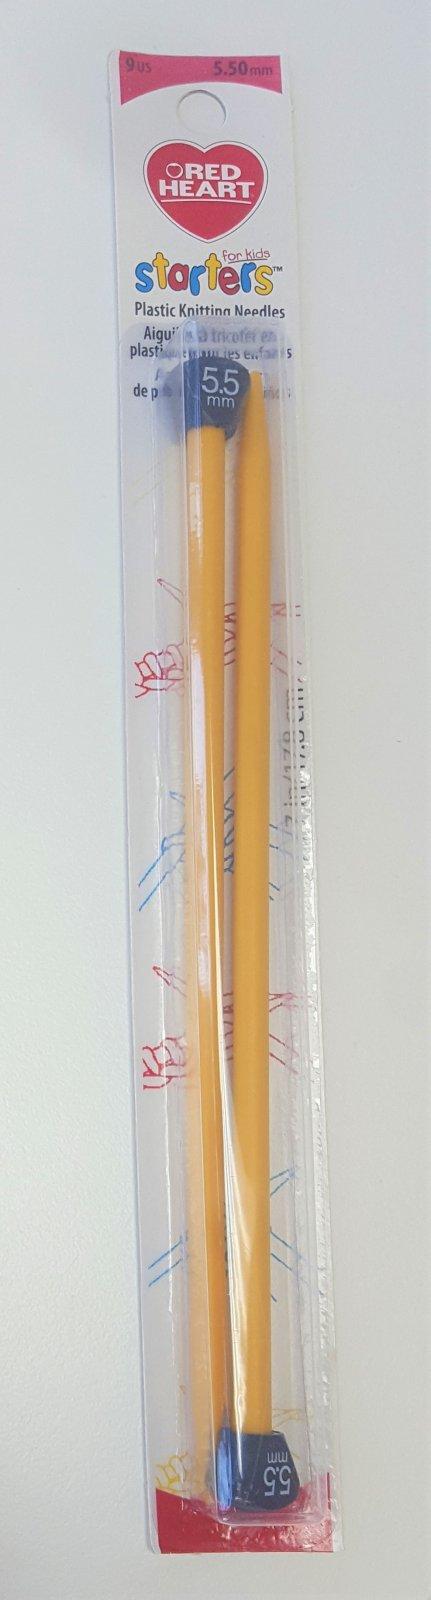 RH Starters - Kids Knit Needles #9